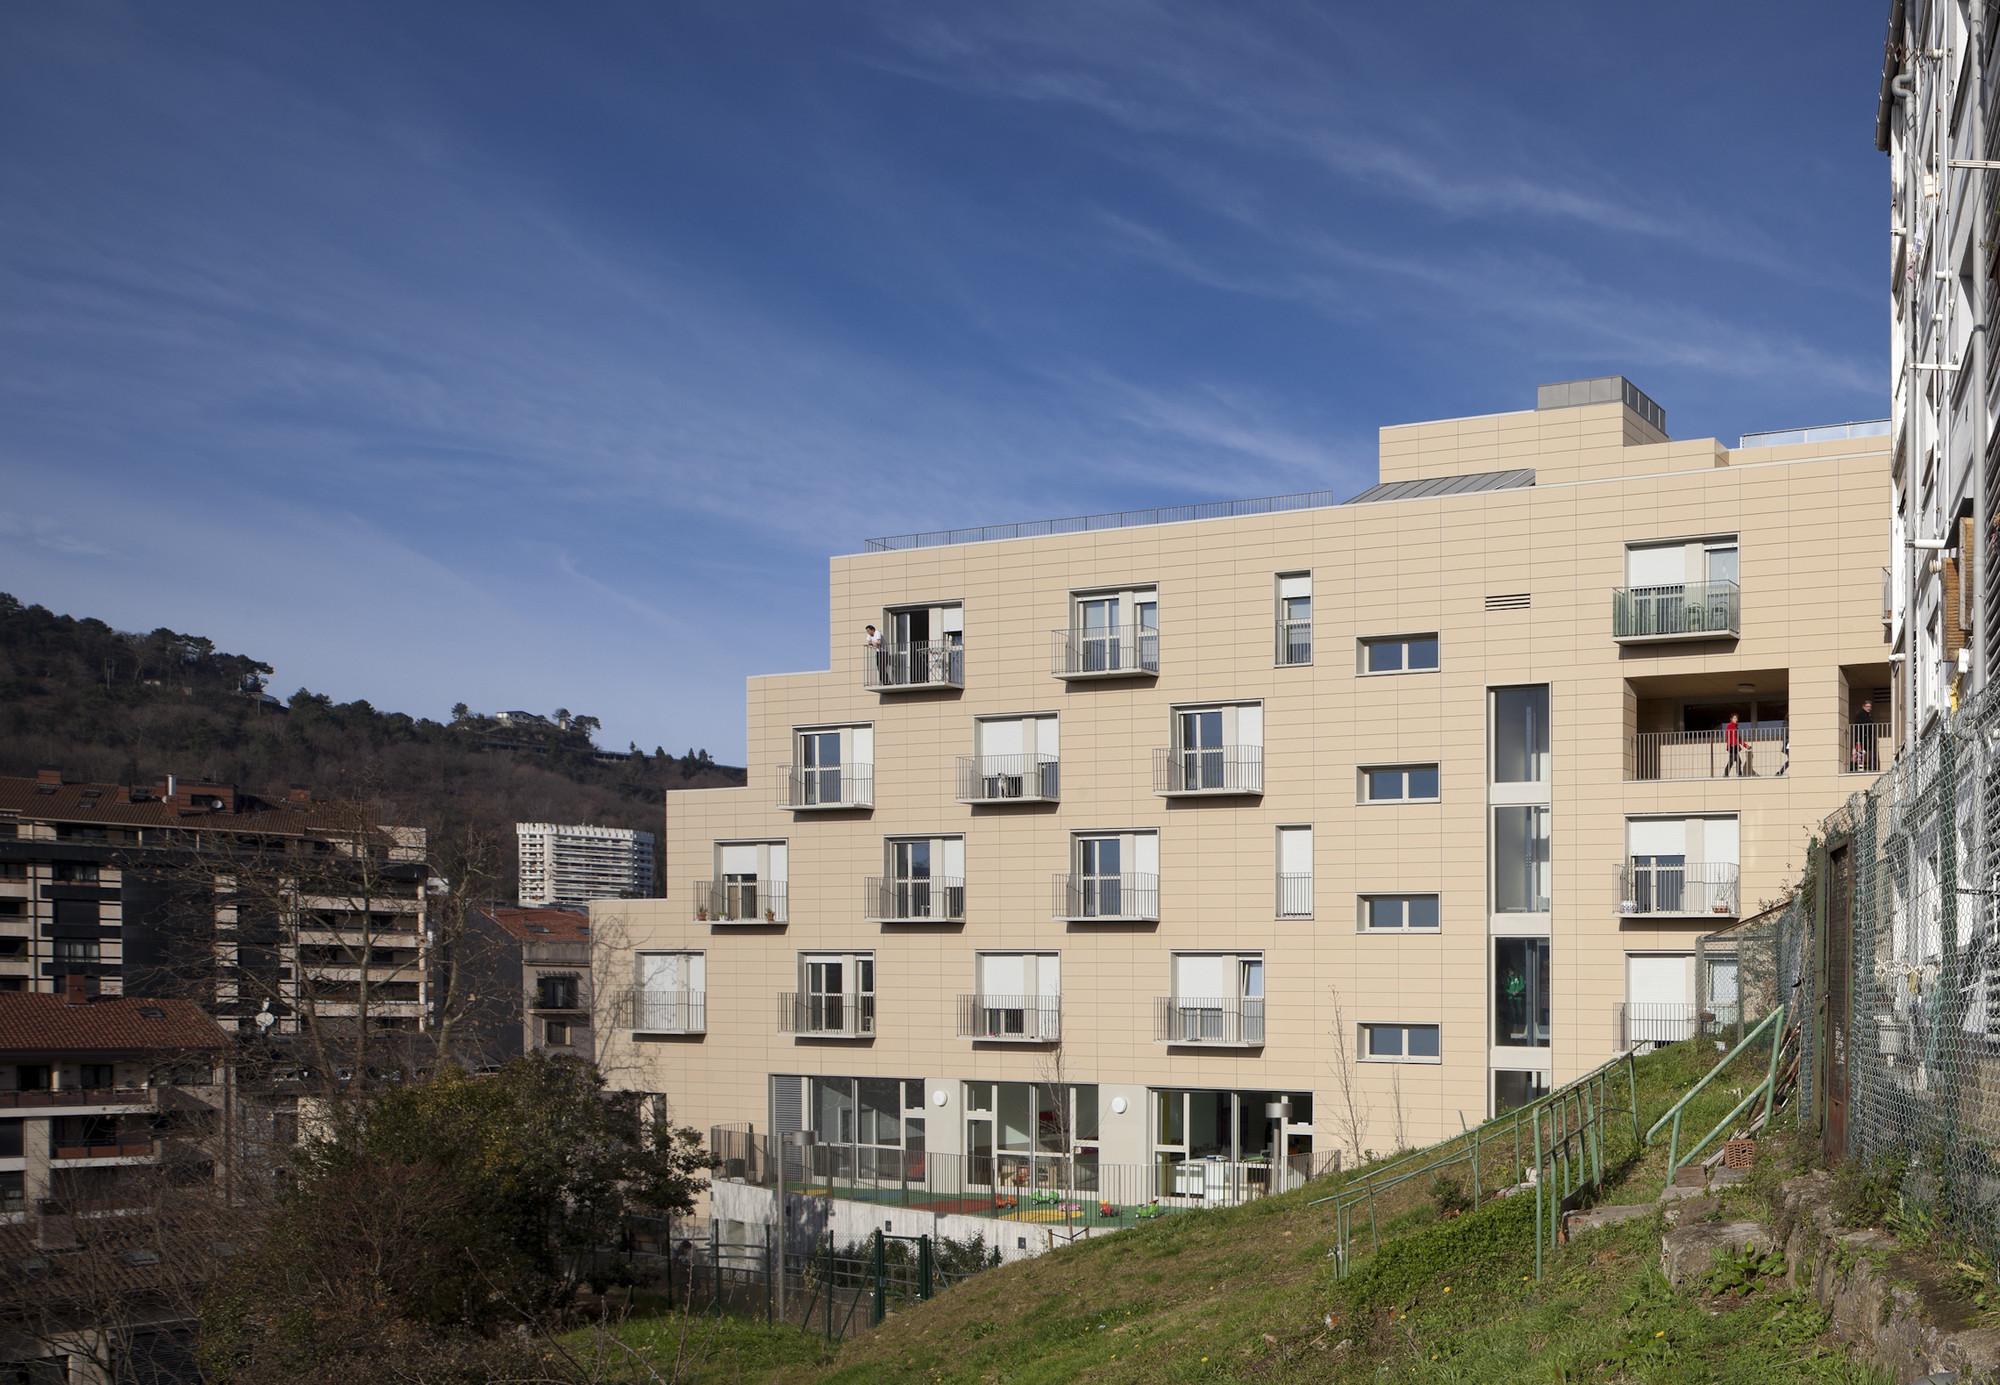 Apartamentos para j venes escuela infantil y parque en - Escuela superior de arquitectura de san sebastian ...